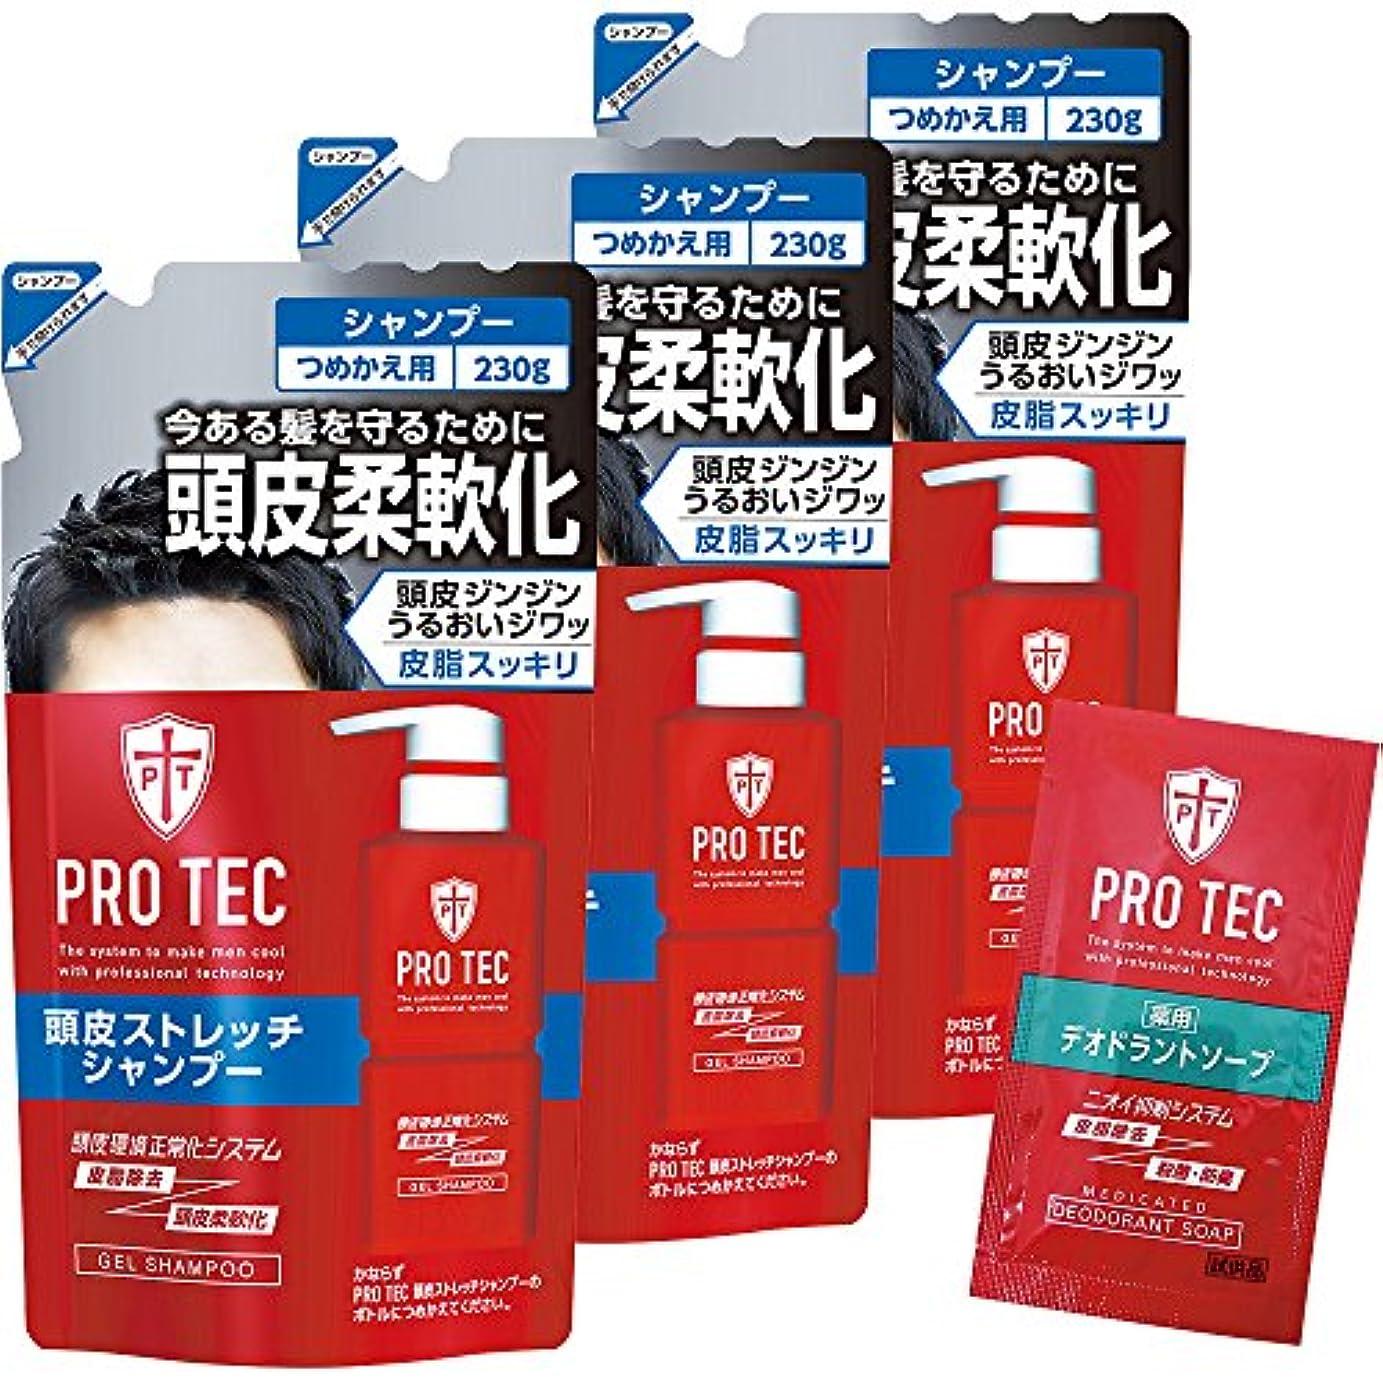 マウスブロックメロディー【Amazon.co.jp限定】PRO TEC(プロテク) 頭皮ストレッチ シャンプー 詰め替え (医薬部外品) 230g×3個パック+デオドラントソープ1回分付